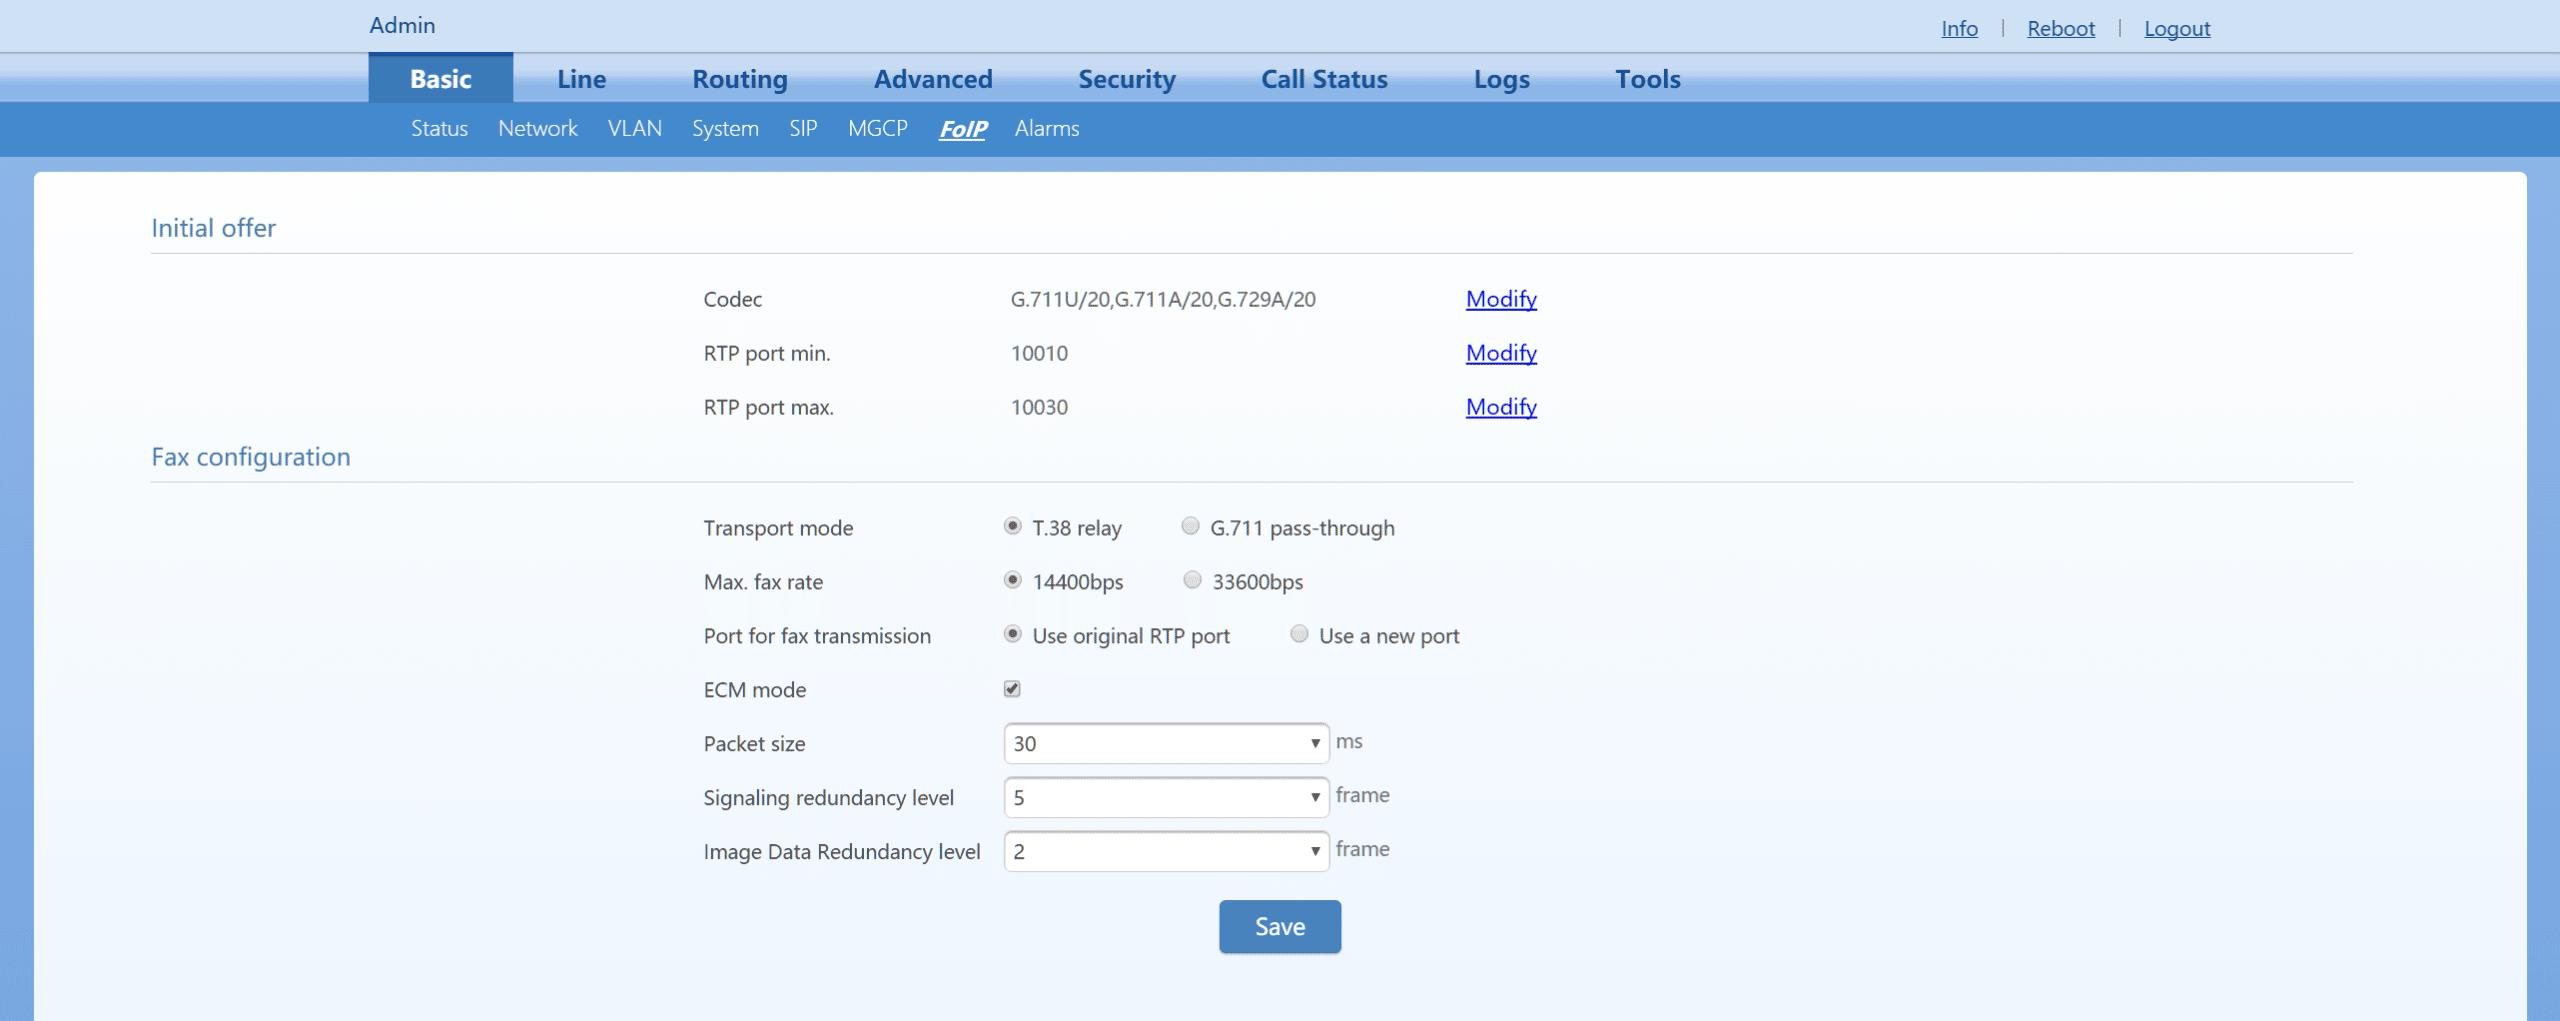 Netgen Basic FoIP Configuration